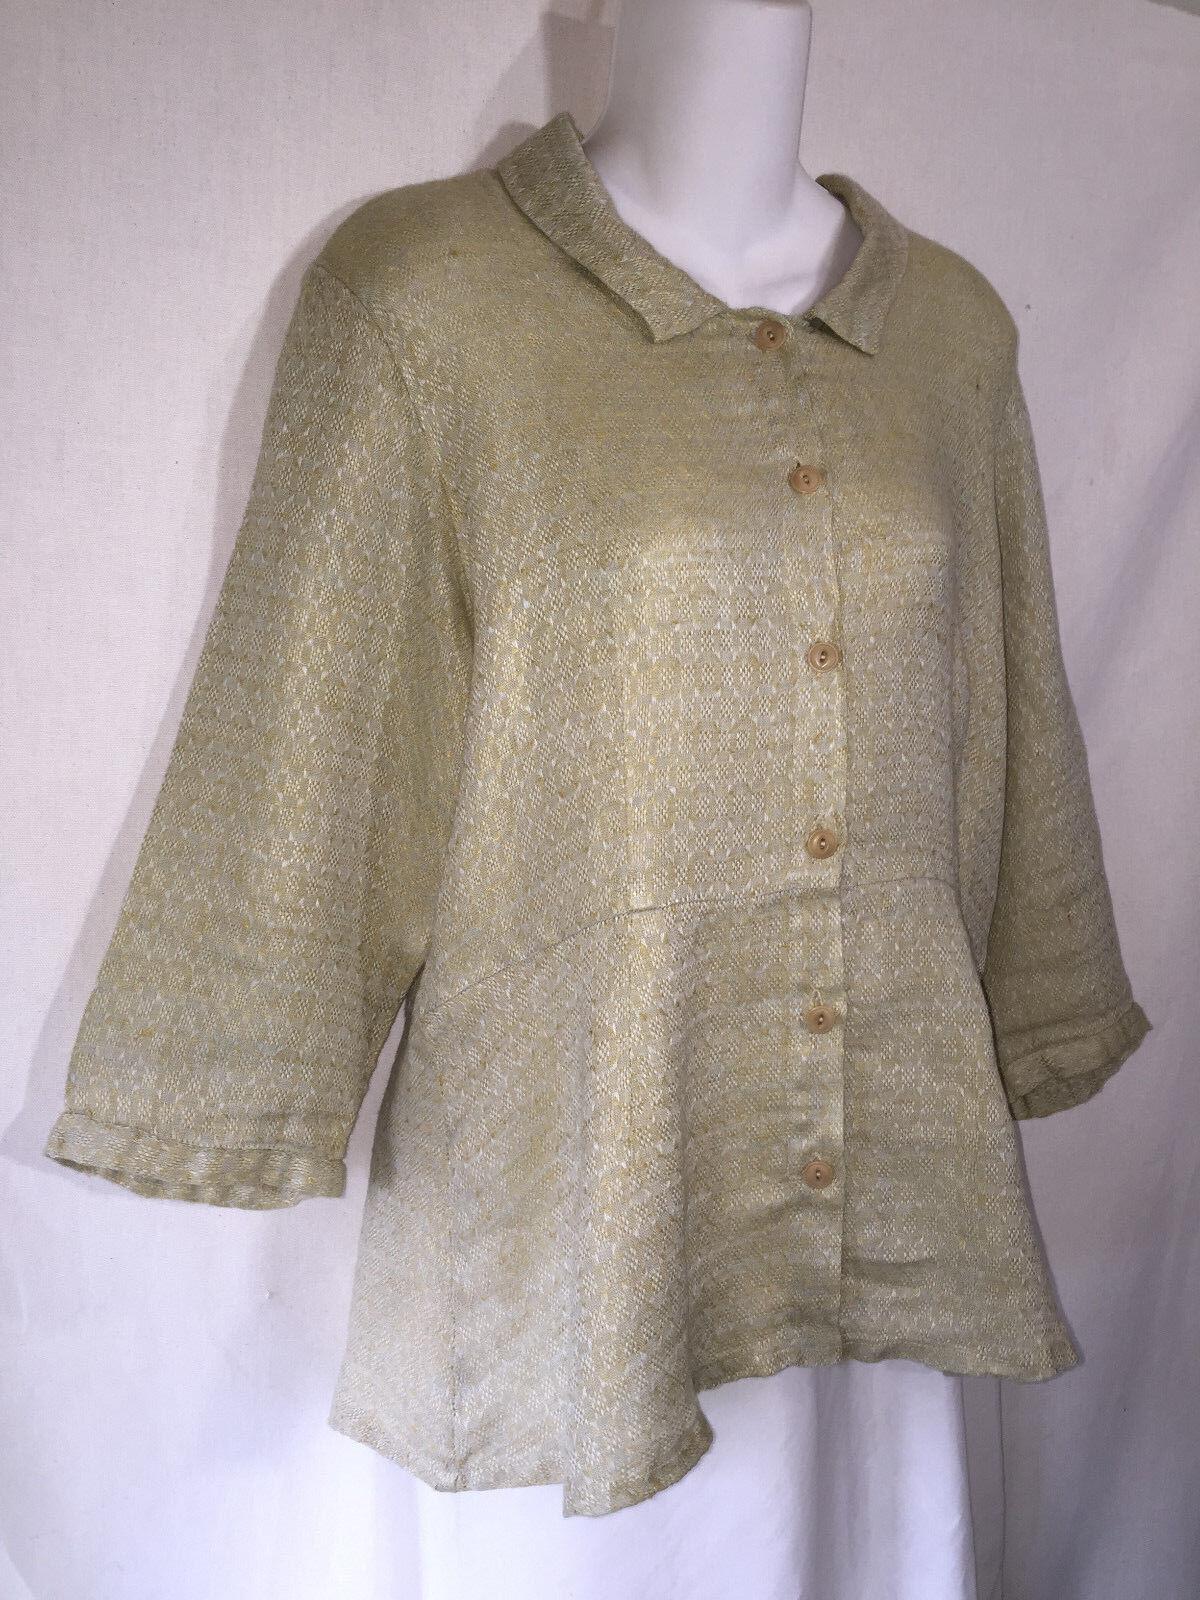 FLAX Engelhart Soft Grün Shapely Linen Peplum Button Shirt Tunic Top Jacket S